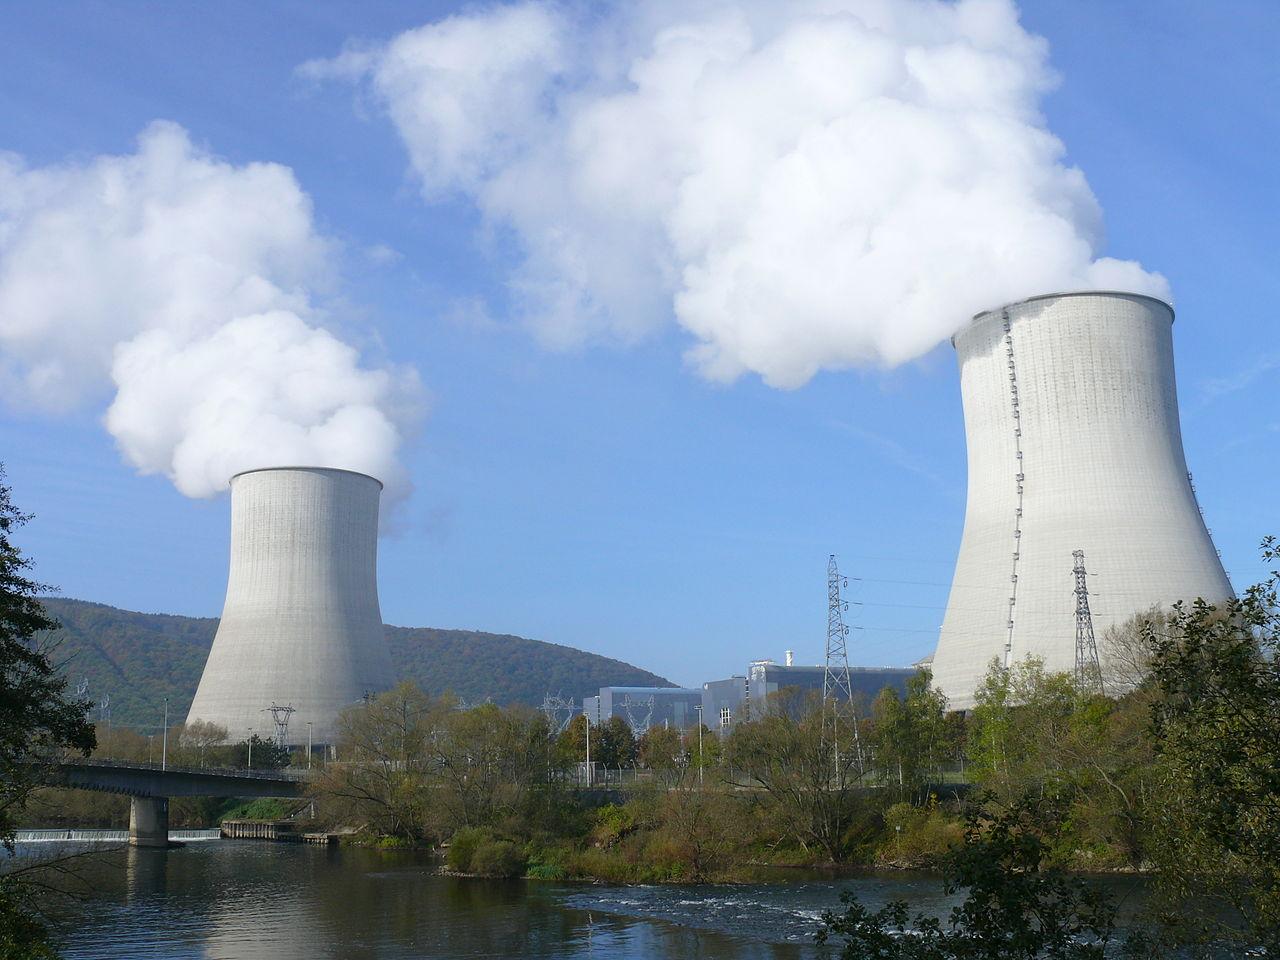 nucleaire reacteur n2 centrale chooz redemarre - L'Energeek